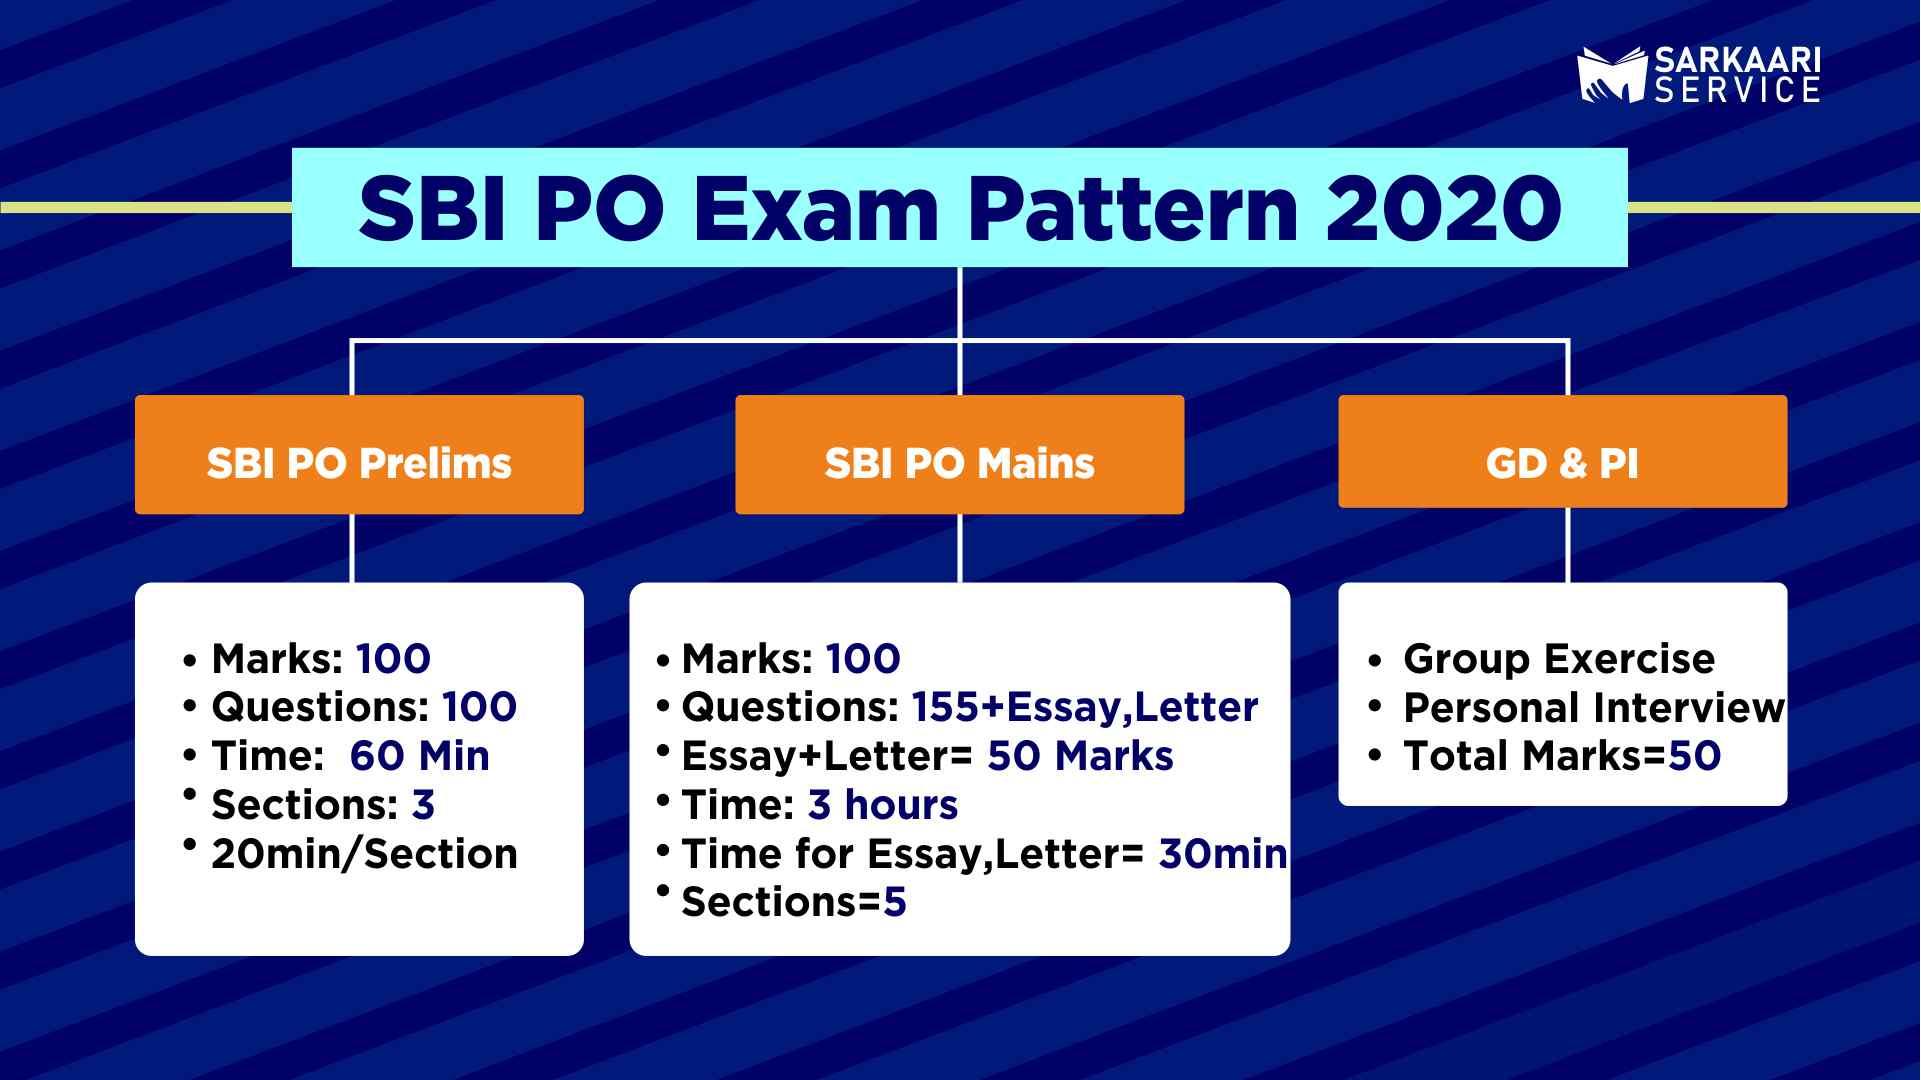 SBI PO Exam Pattern 2020